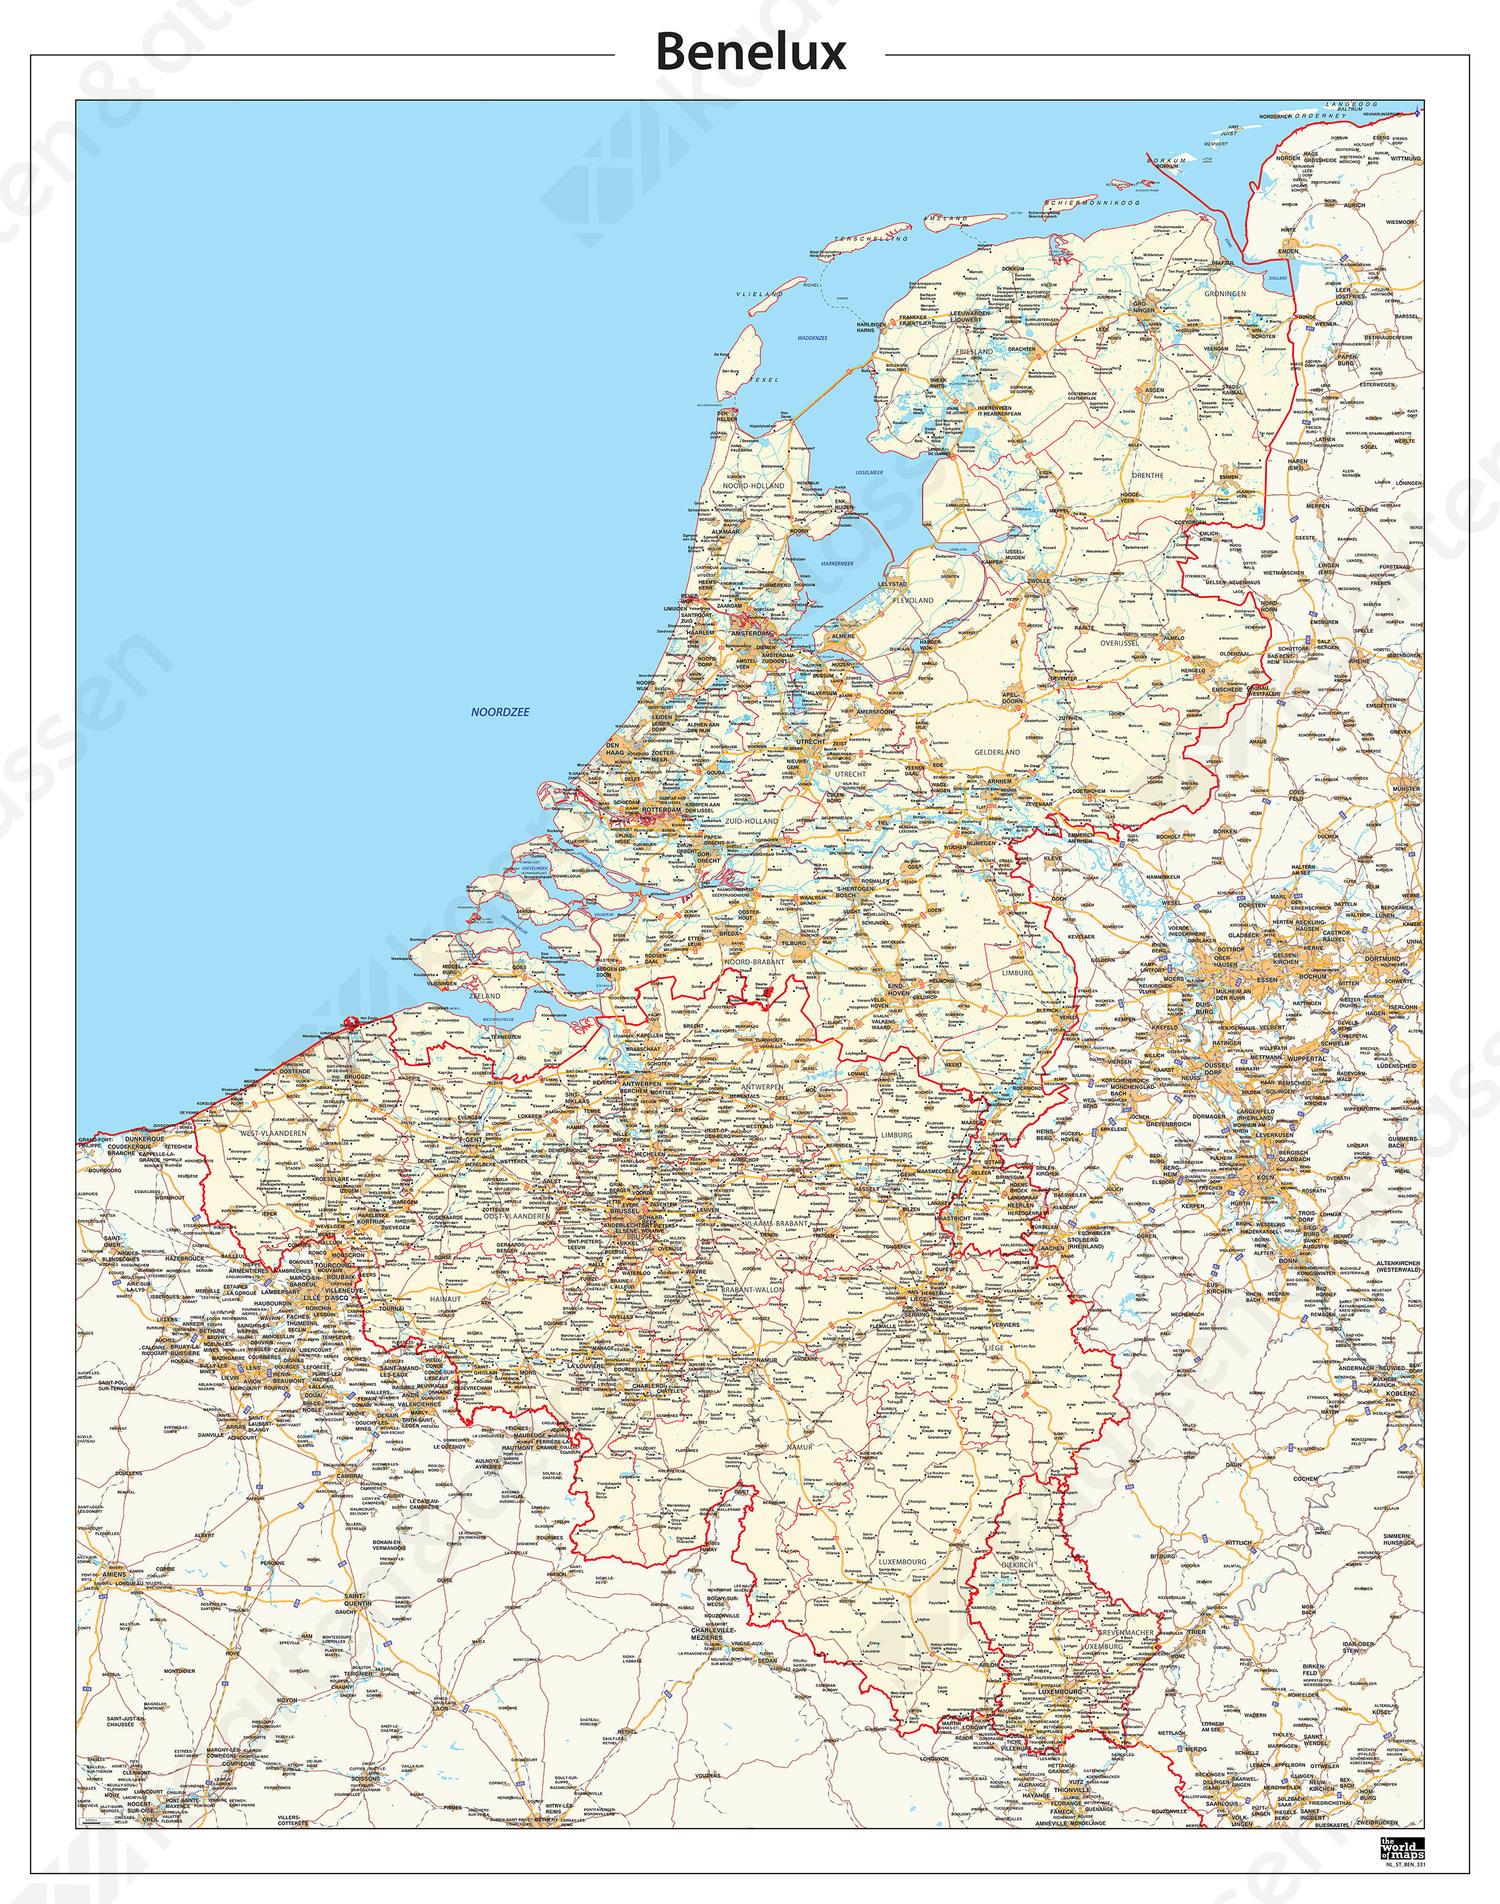 Beneluxkaart Gedetailleerd